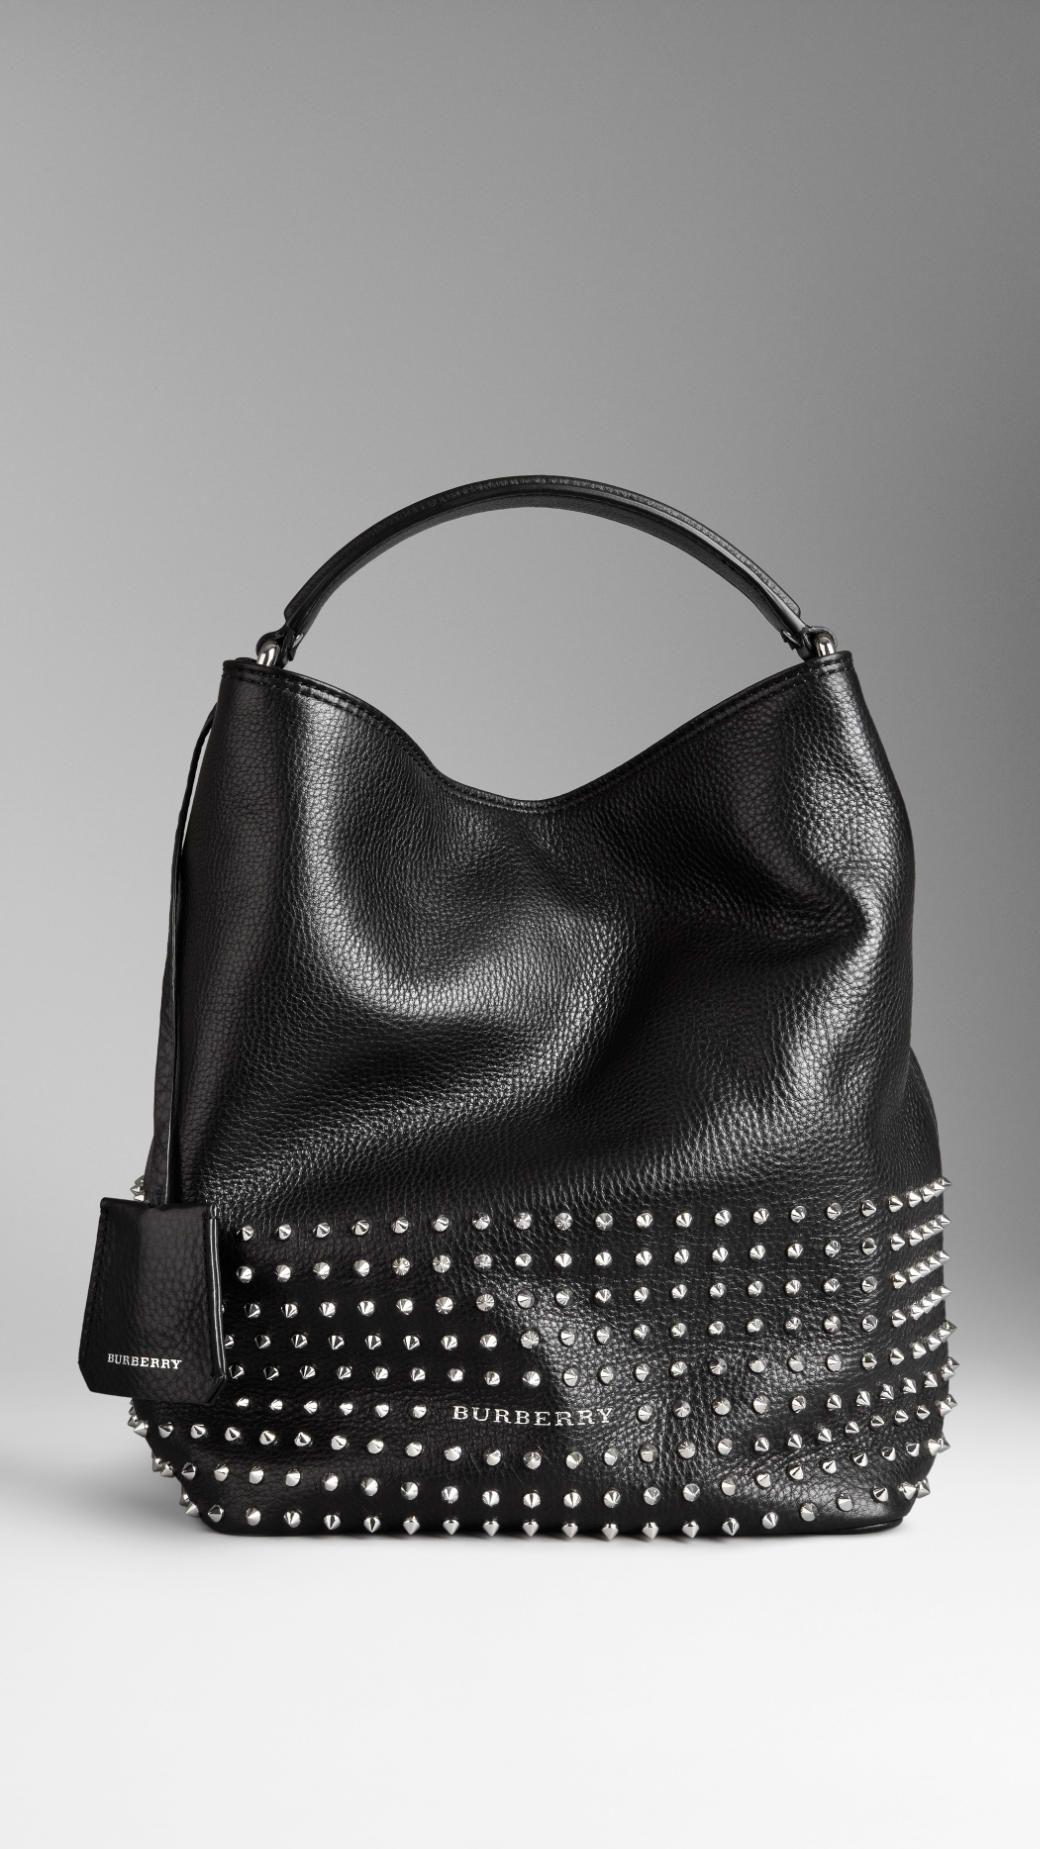 c2a949028ba Medium Studded Leather Hobo Bag | Burberry Burberry Sjaal, Burberry  Handtassen, Burberry Tassen,